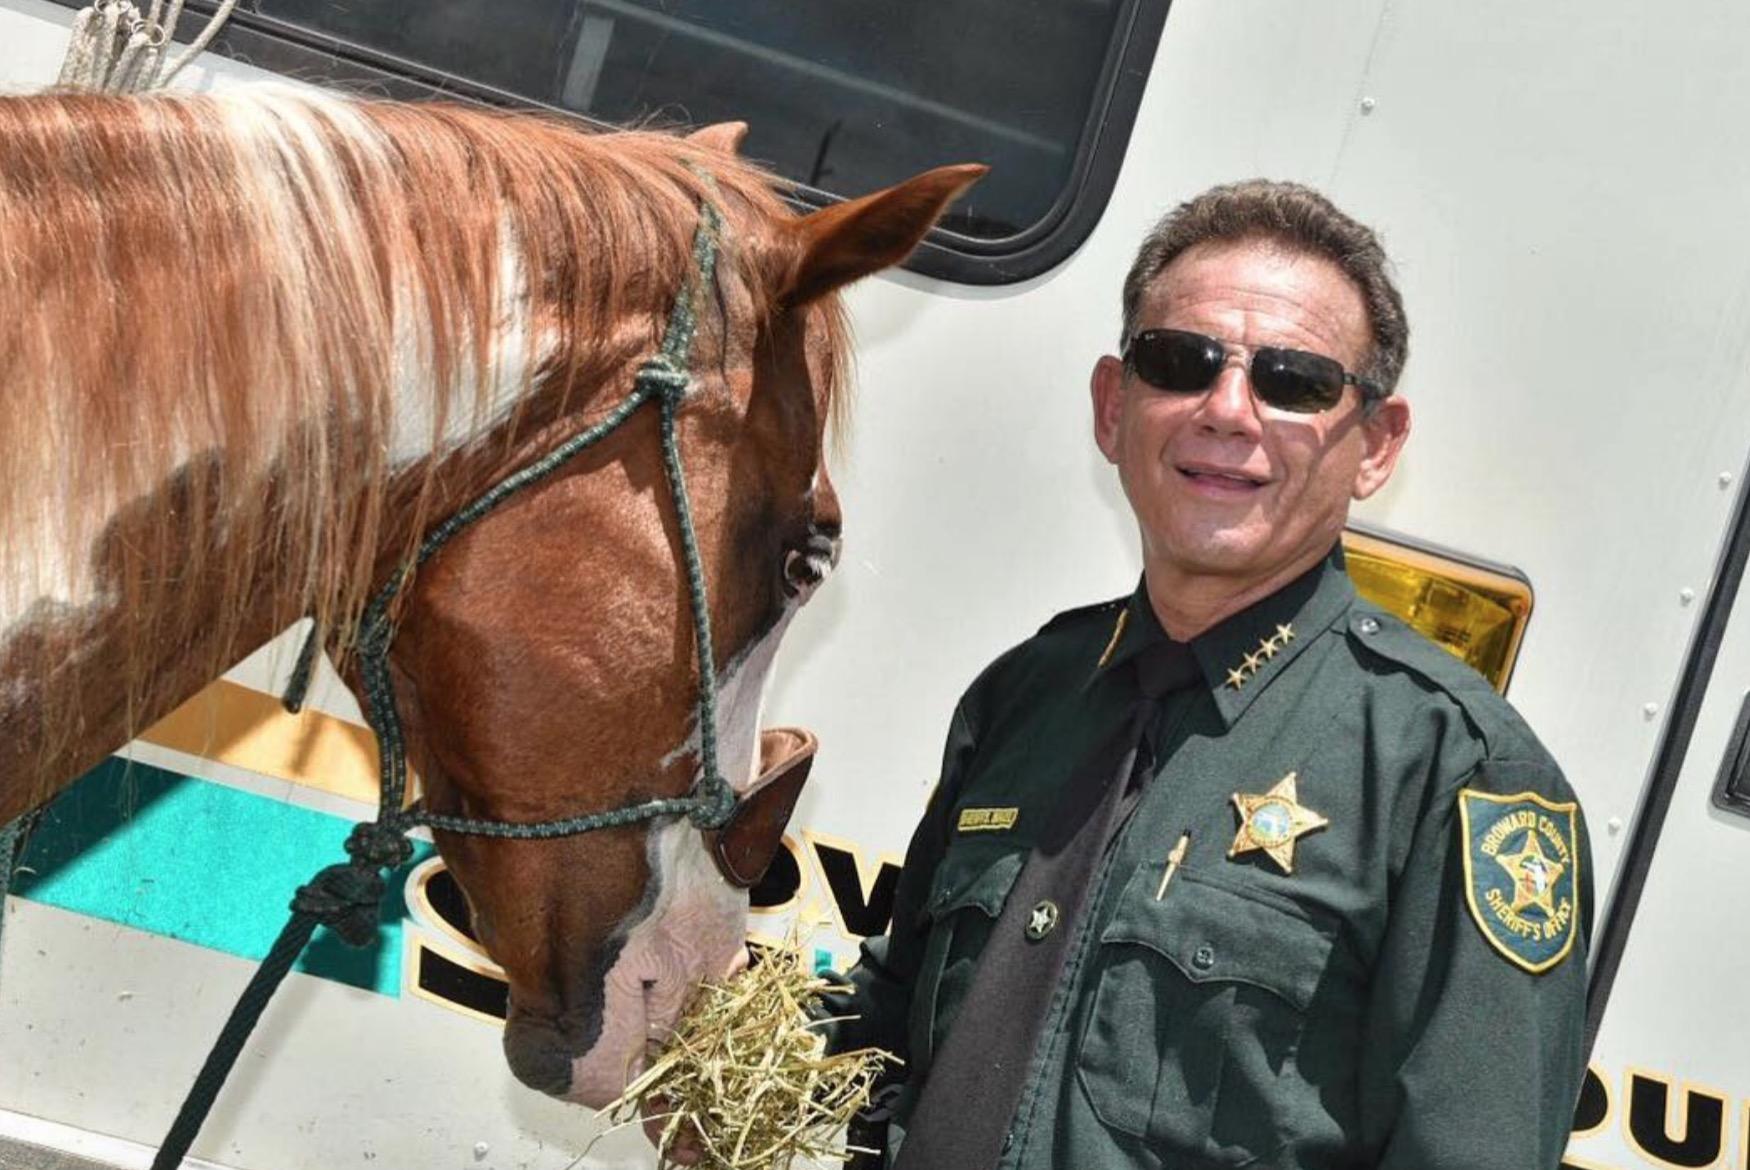 Fmr. Broward Sheriff Israel Lied on FDLE Application